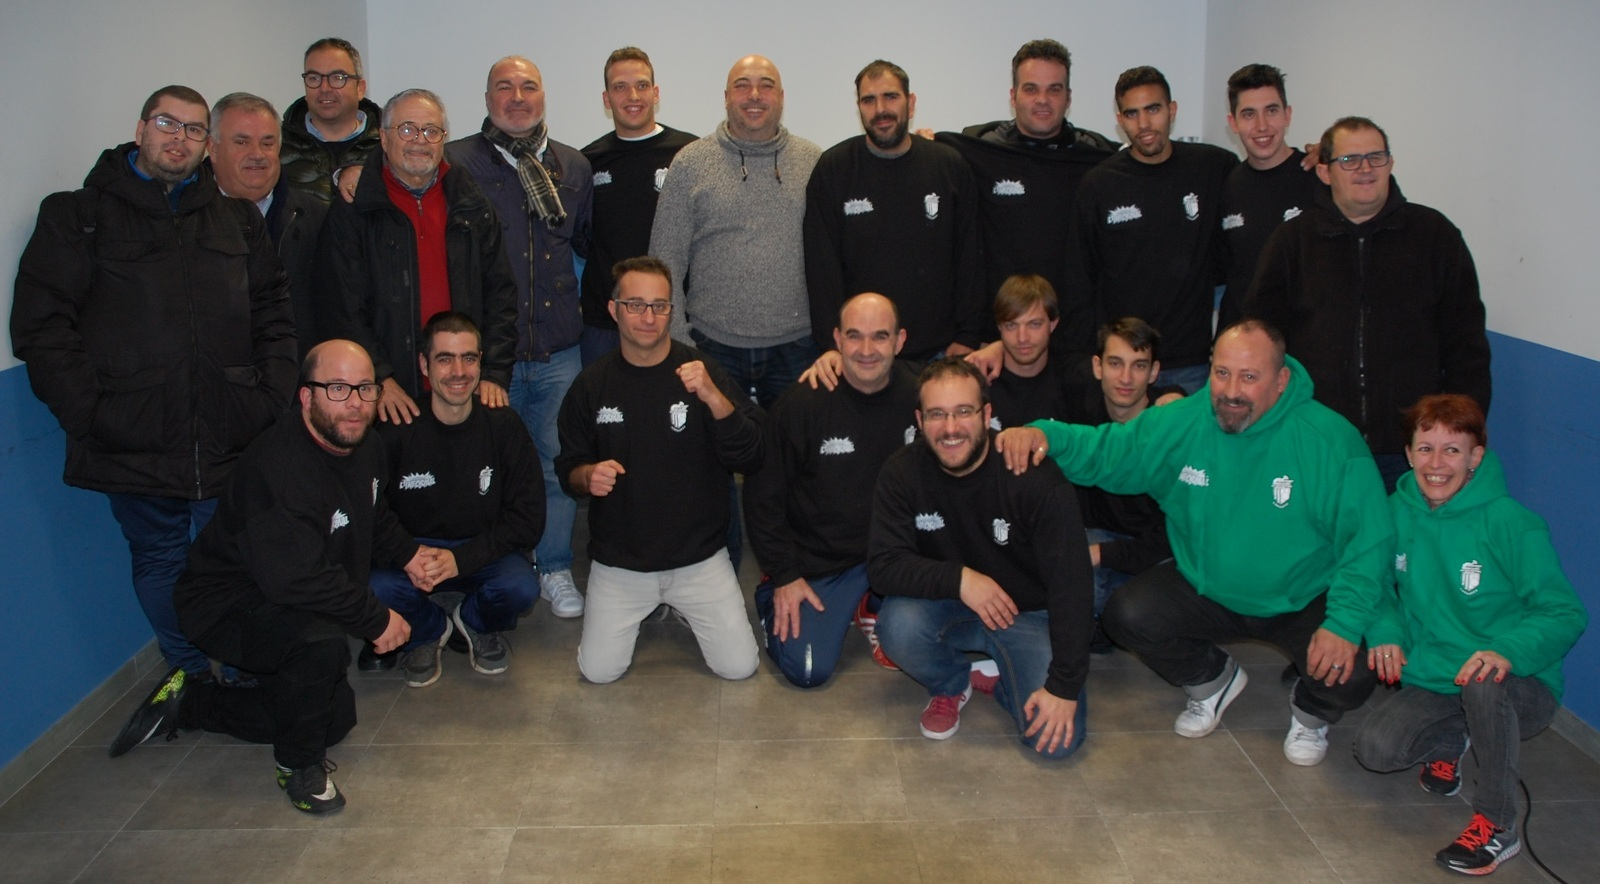 El San Cristóbal creaun equip inclusiu amb jugadors amb capacitats diverses